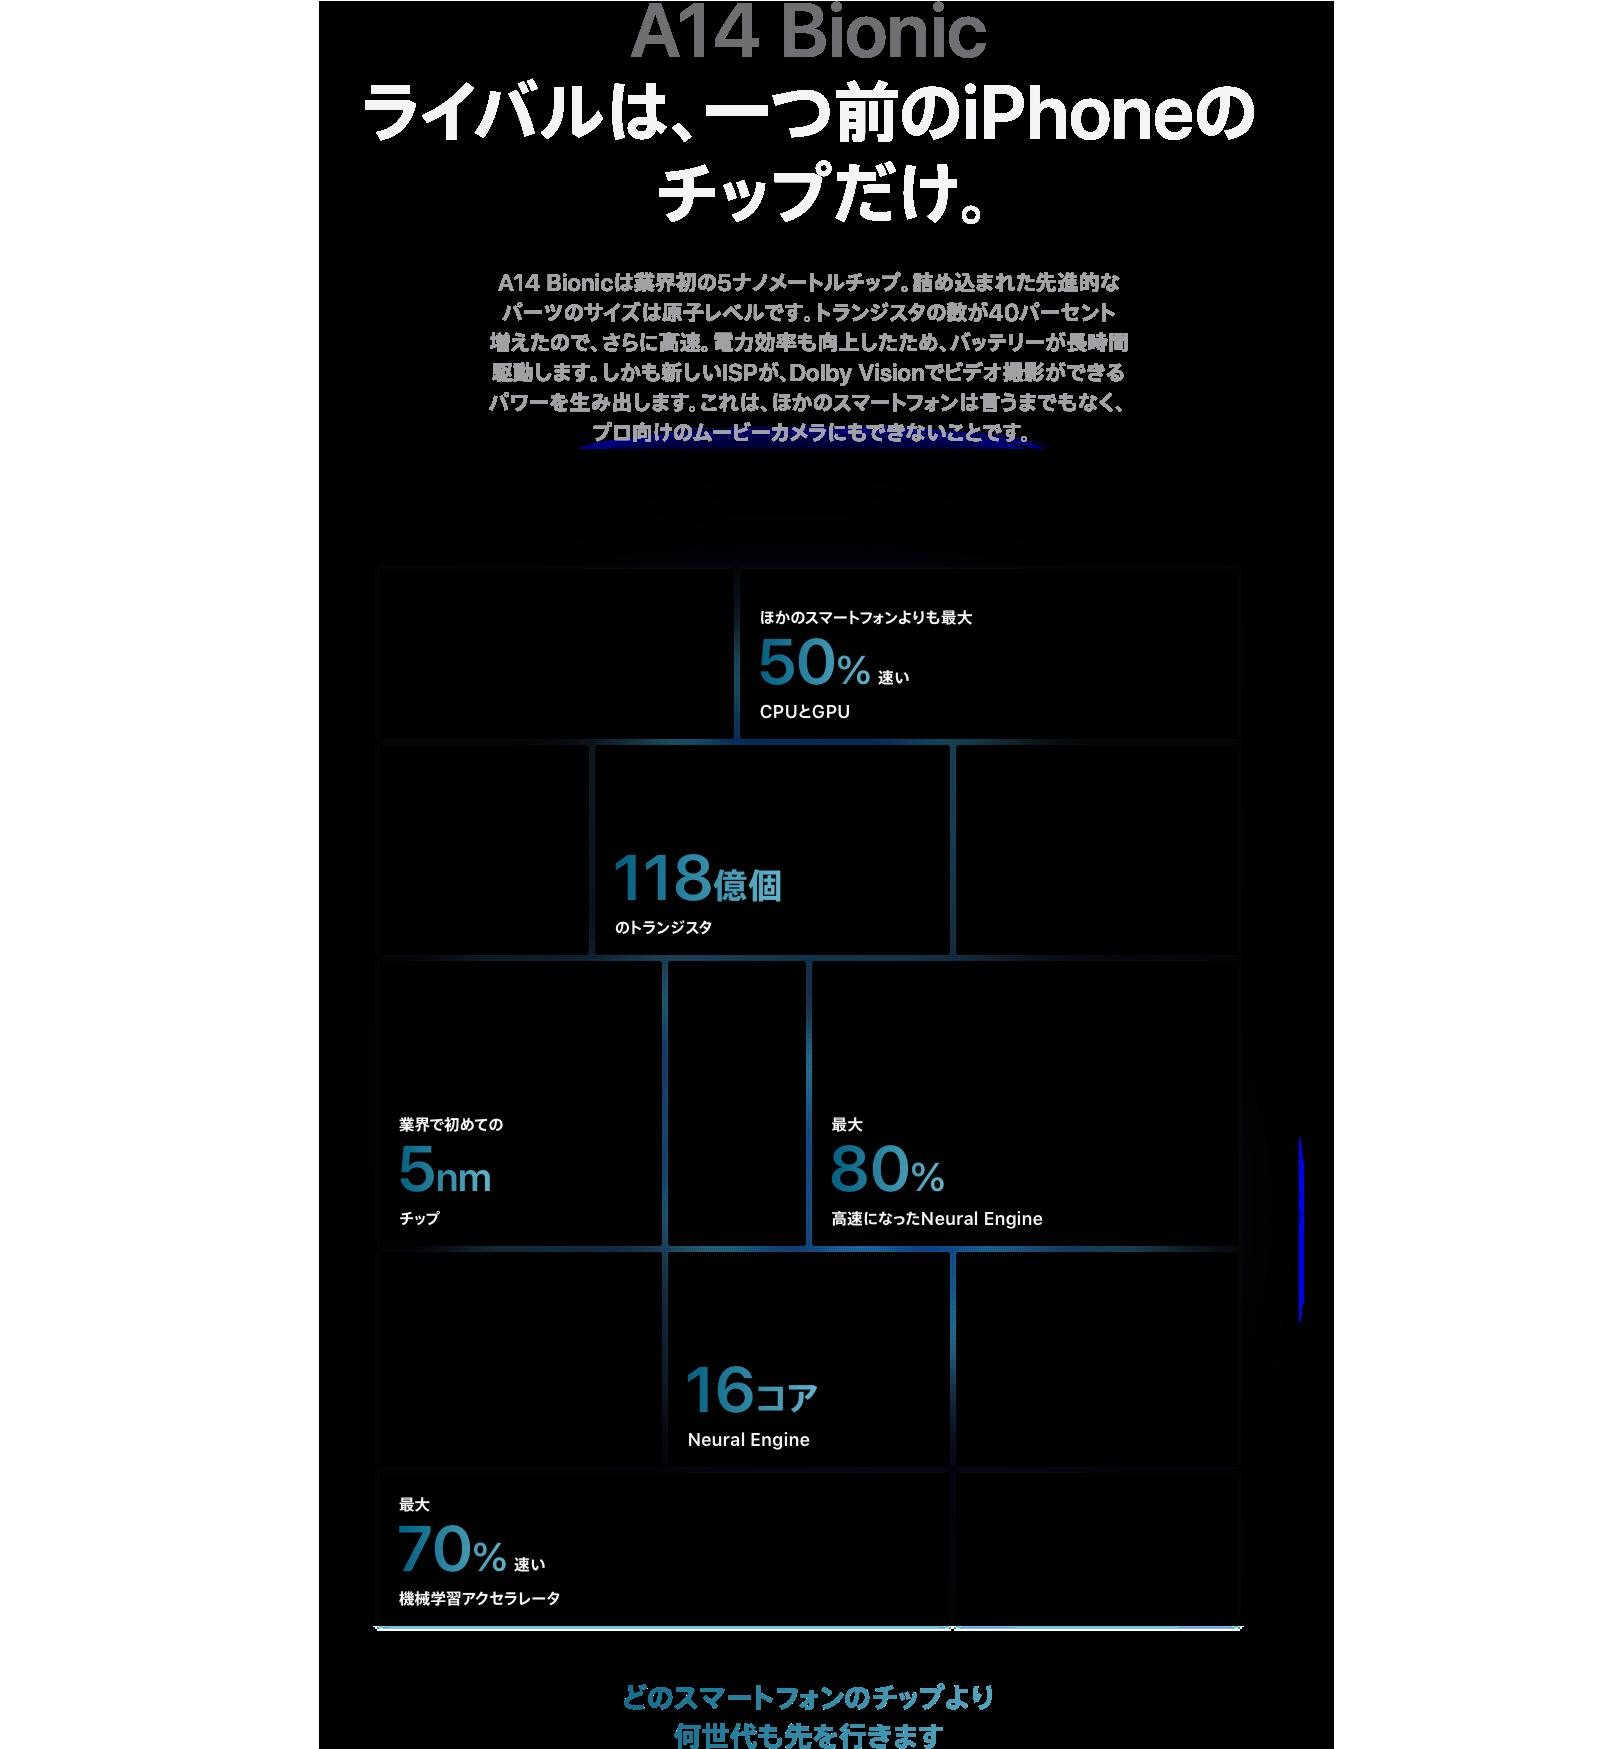 A14 Bionicライバルは、一つ前のiPhoneのチップだけ。